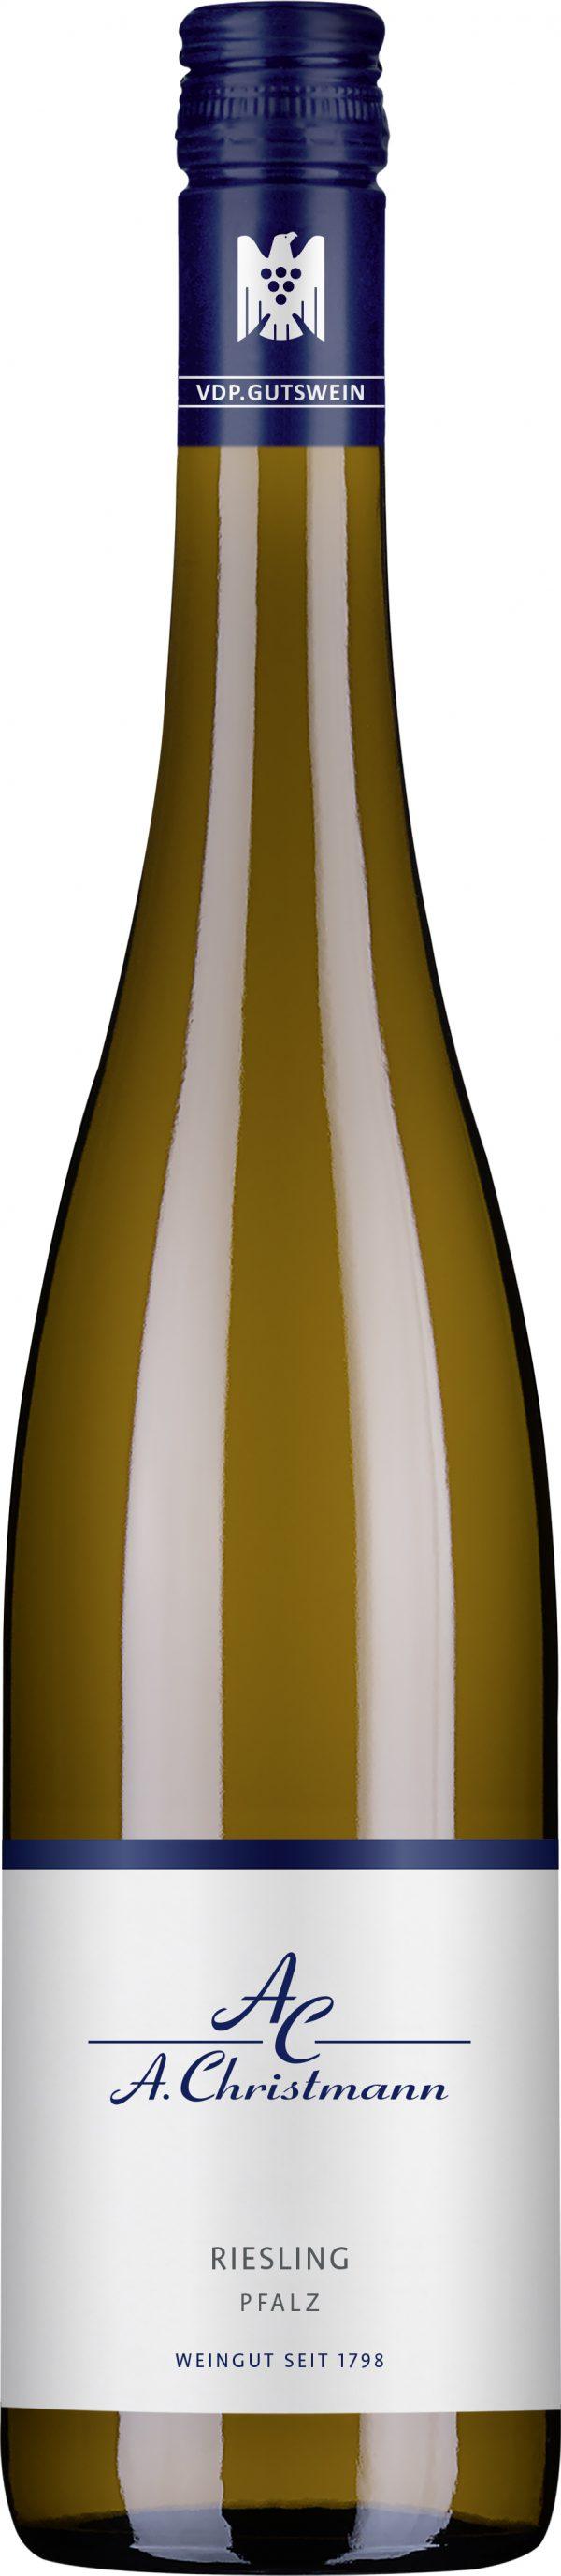 Riesling Qualitätswein trocken 2018